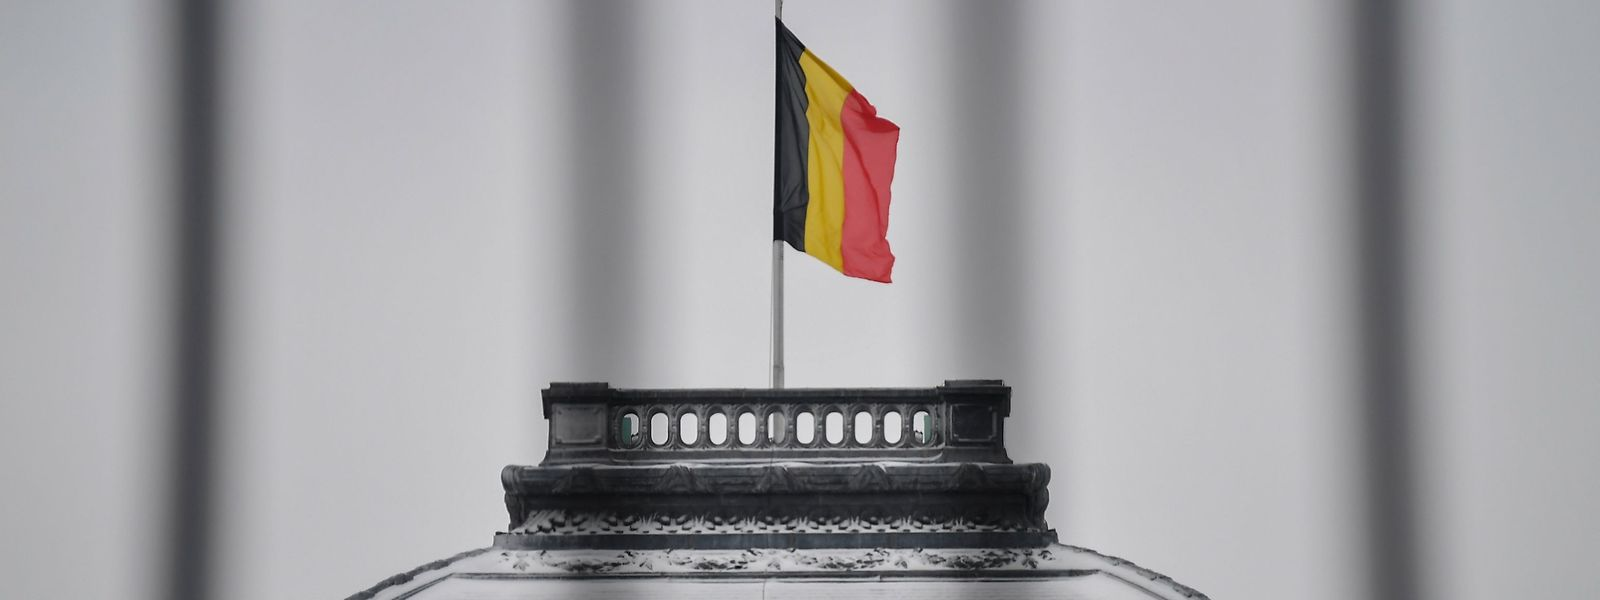 La Belgique a trente jours pour donner une base légale aux décisions prises dans le cadre de la lutte anti-covid.